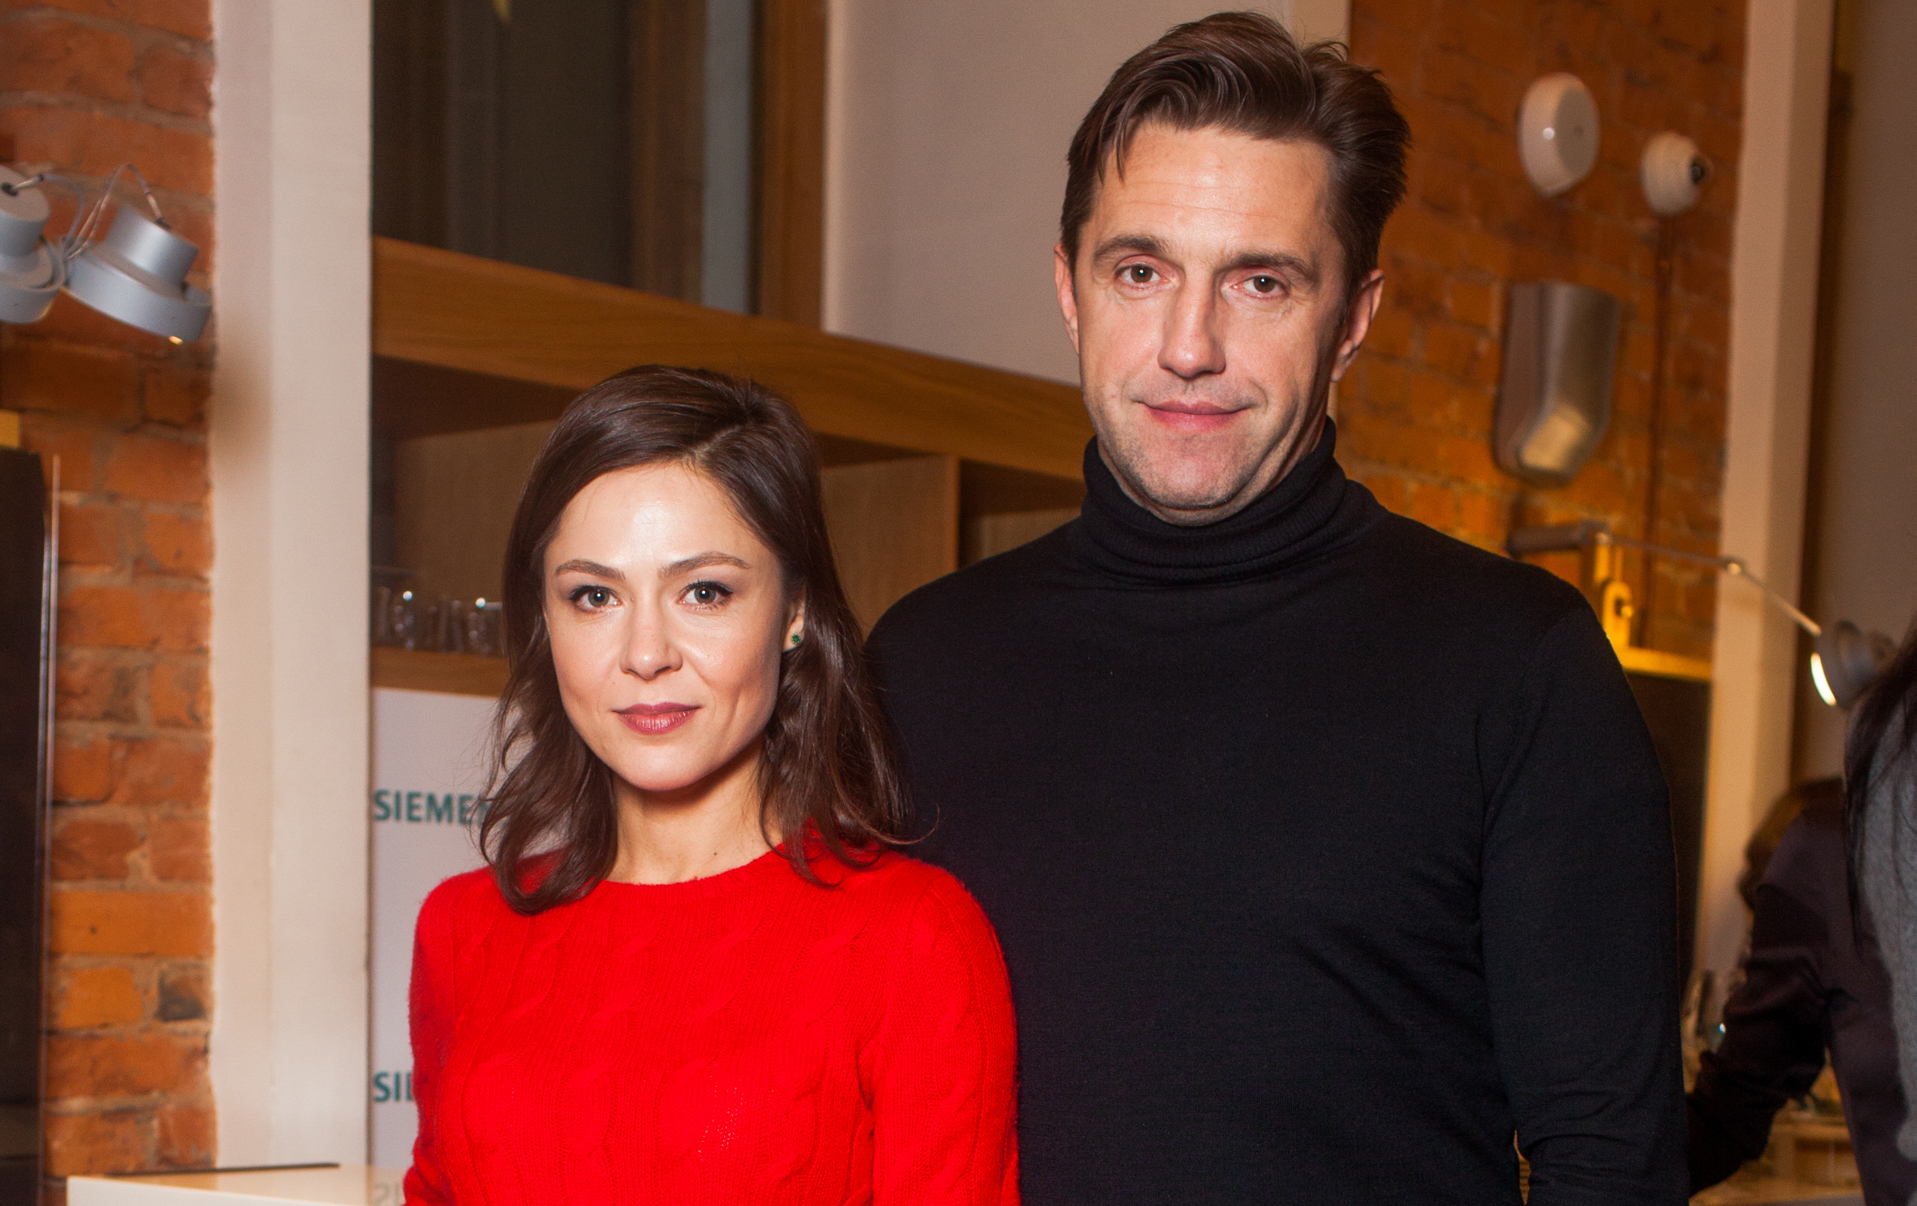 Владимир Вдовиченков и Елена Лядова побывали на открытии фотовыставки в Москве